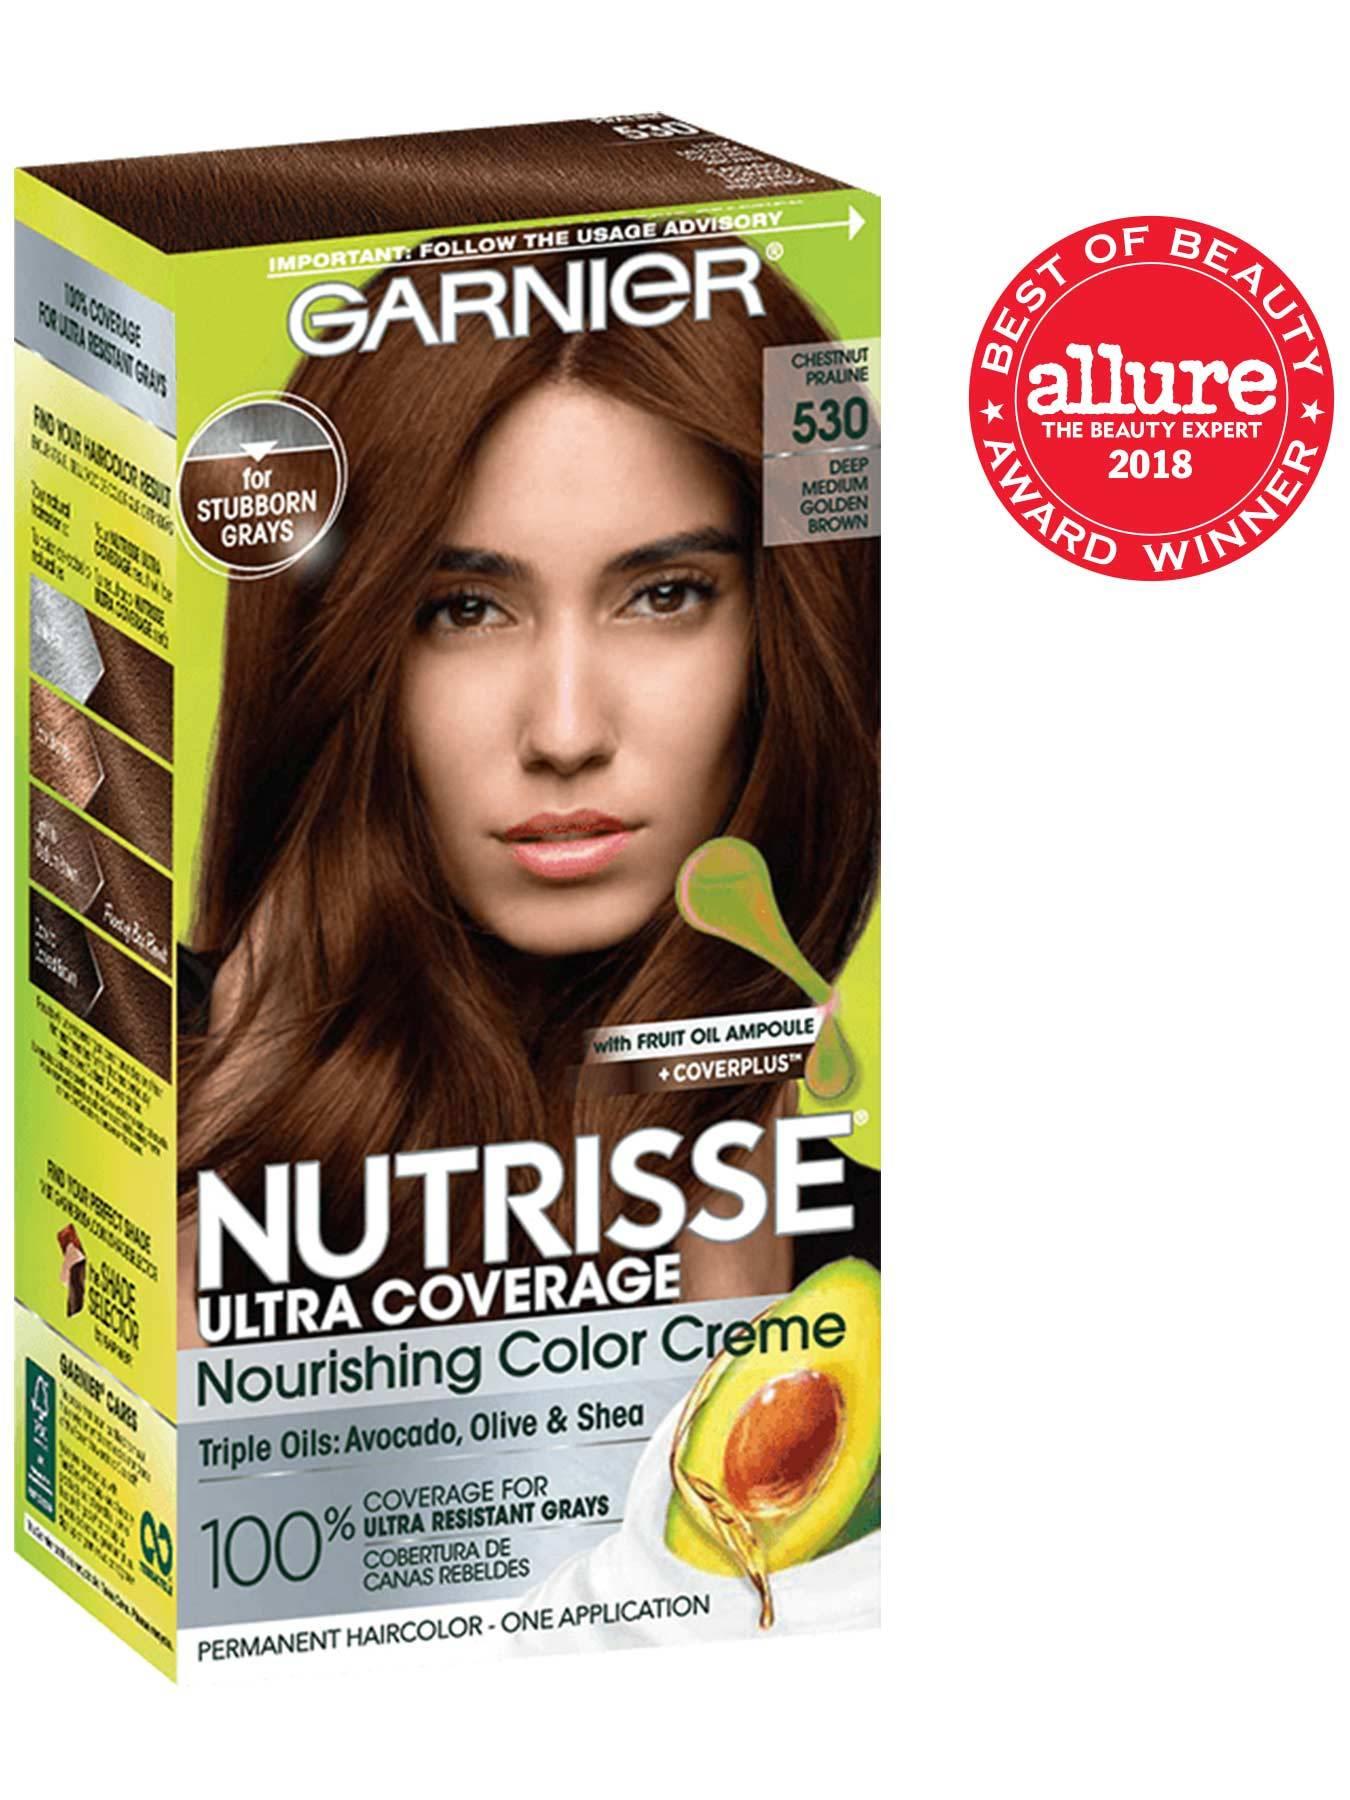 Nutrisse Ultra Coverage Medium Golden Brown Hair Color